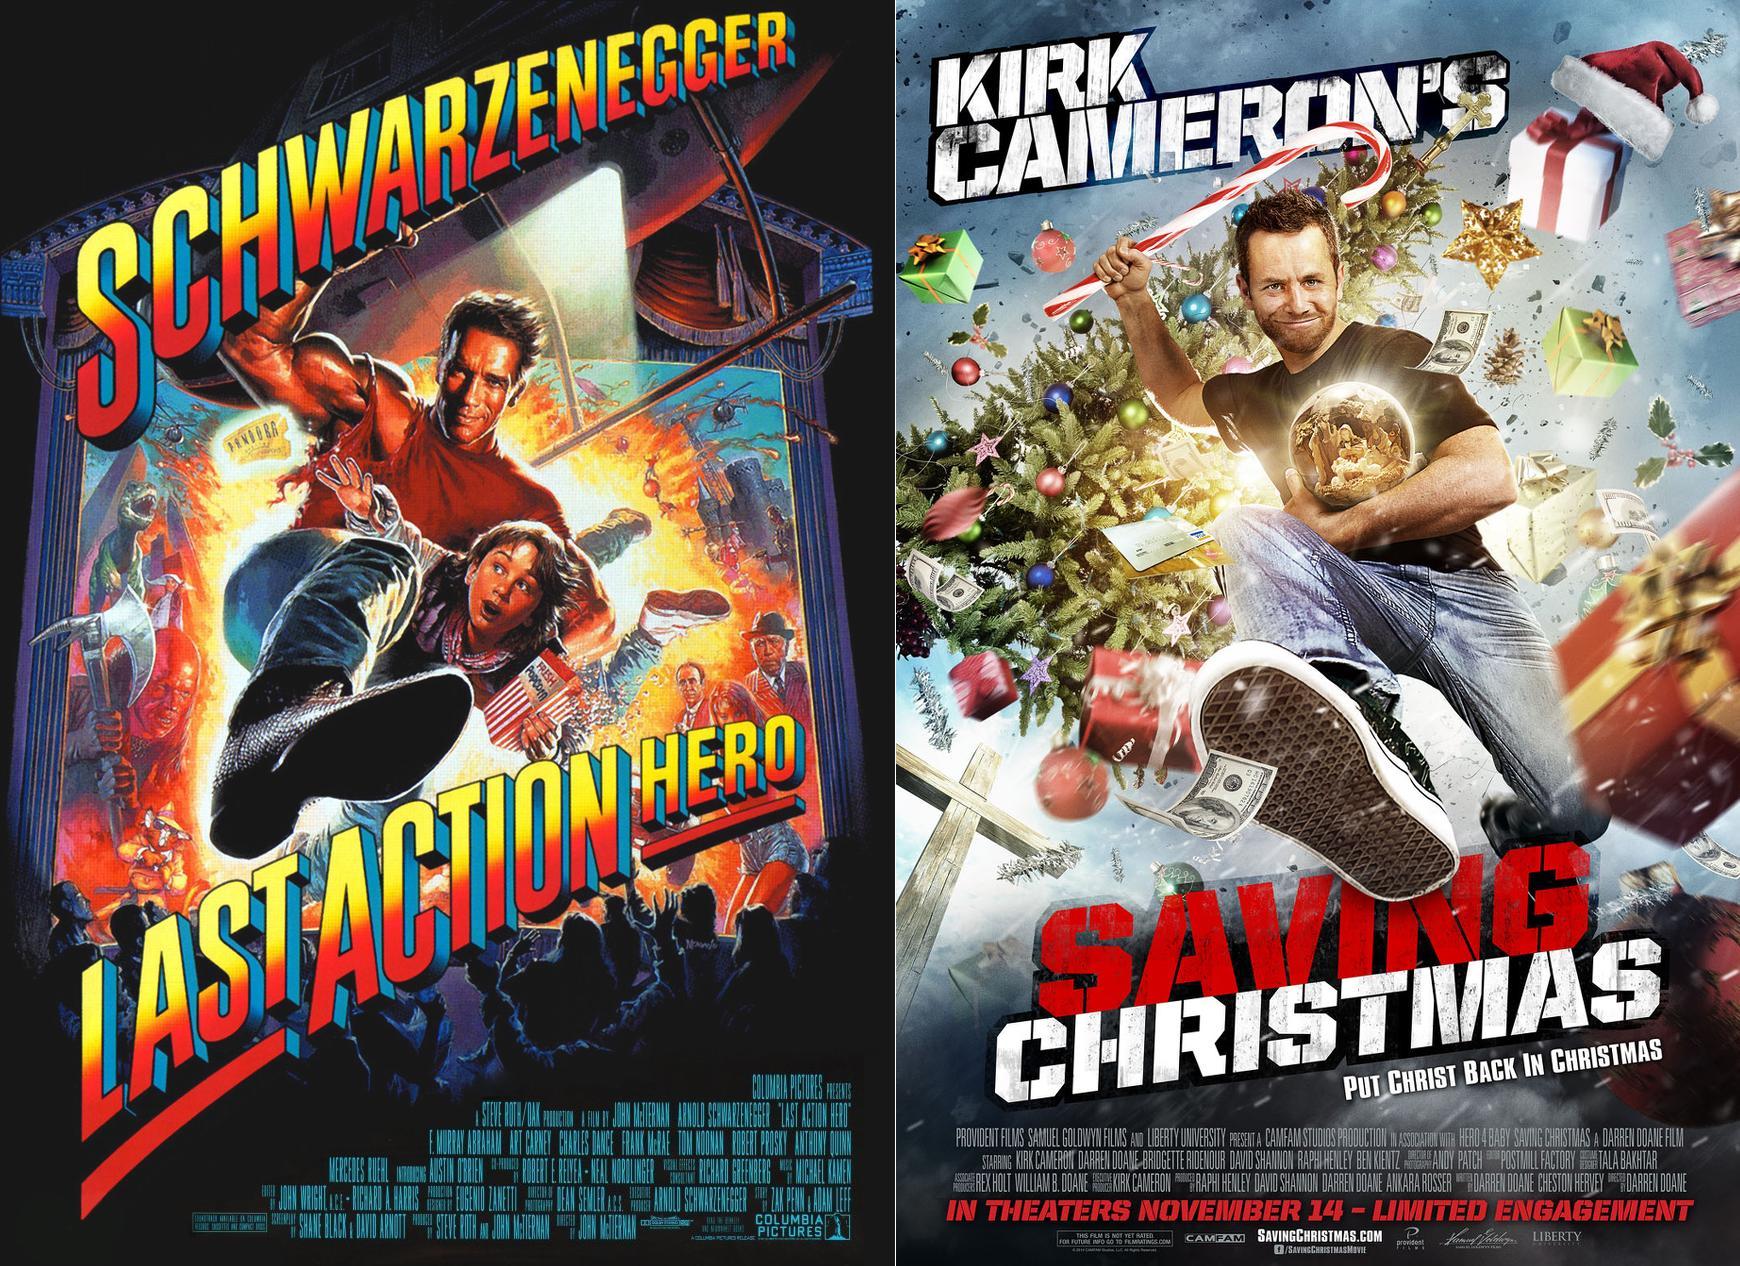 Kirk Cameron\'s Movie Poster for <em>Saving Christmas</em> Looks ...